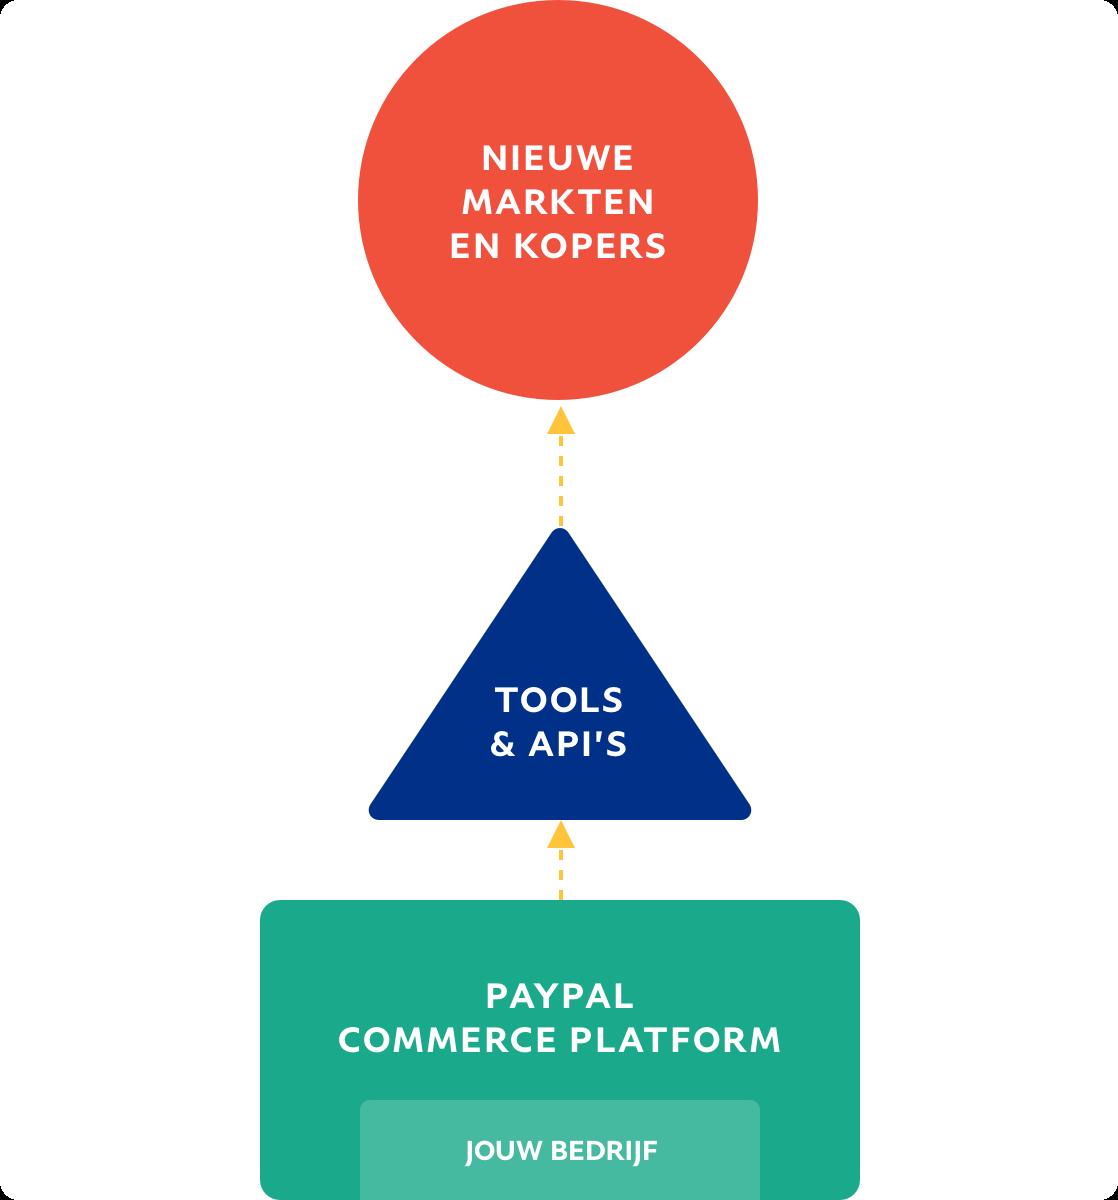 Stroomdiagram dat de stroom naar nieuwe markten en kopers uitbeeldt.